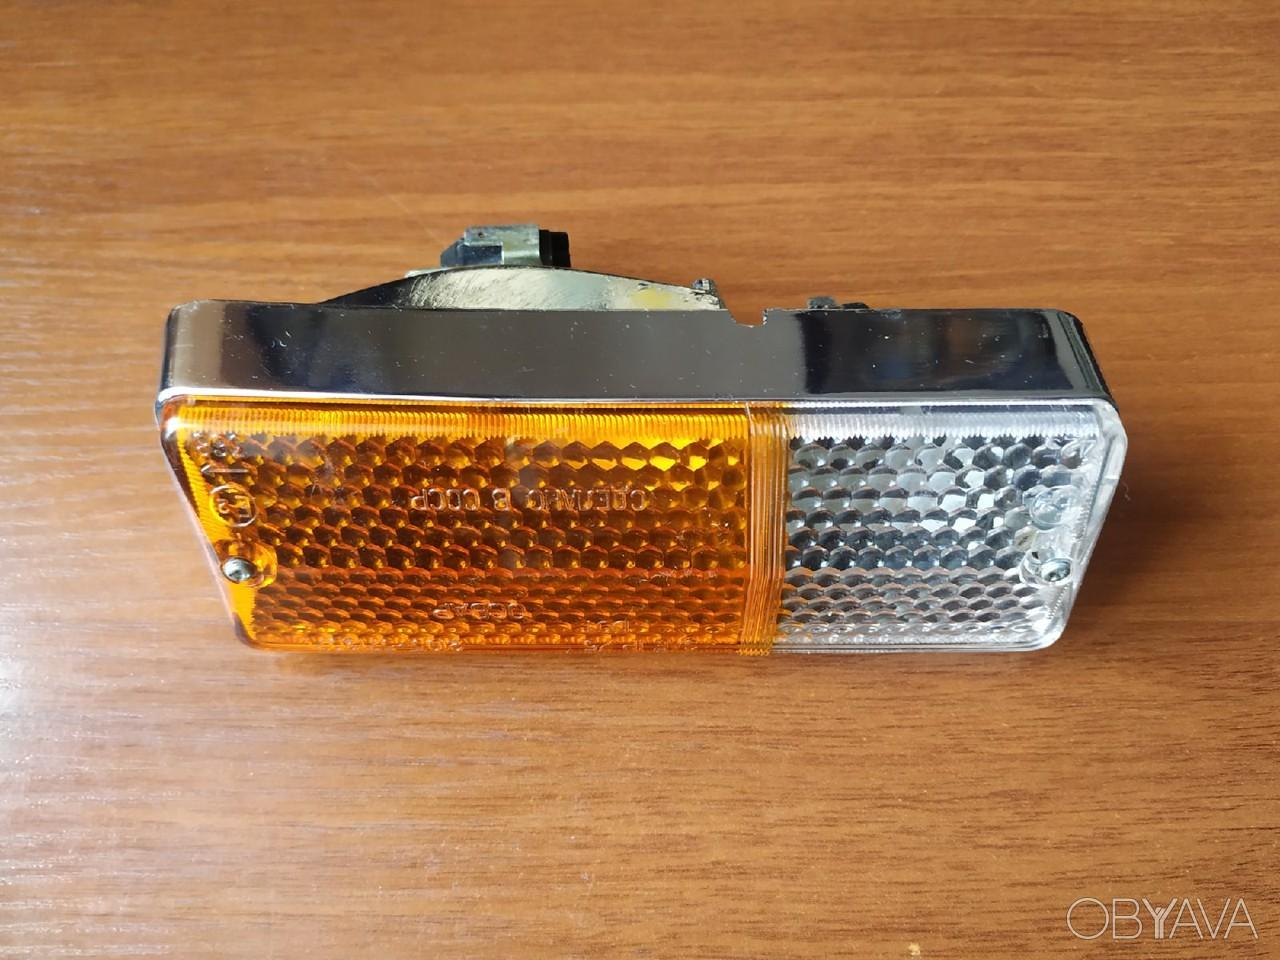 ᐈ Передний левый фонарь (подфарник) на ВАЗ-2103/06, Ниву ...  Ваз 2103 Оригинал